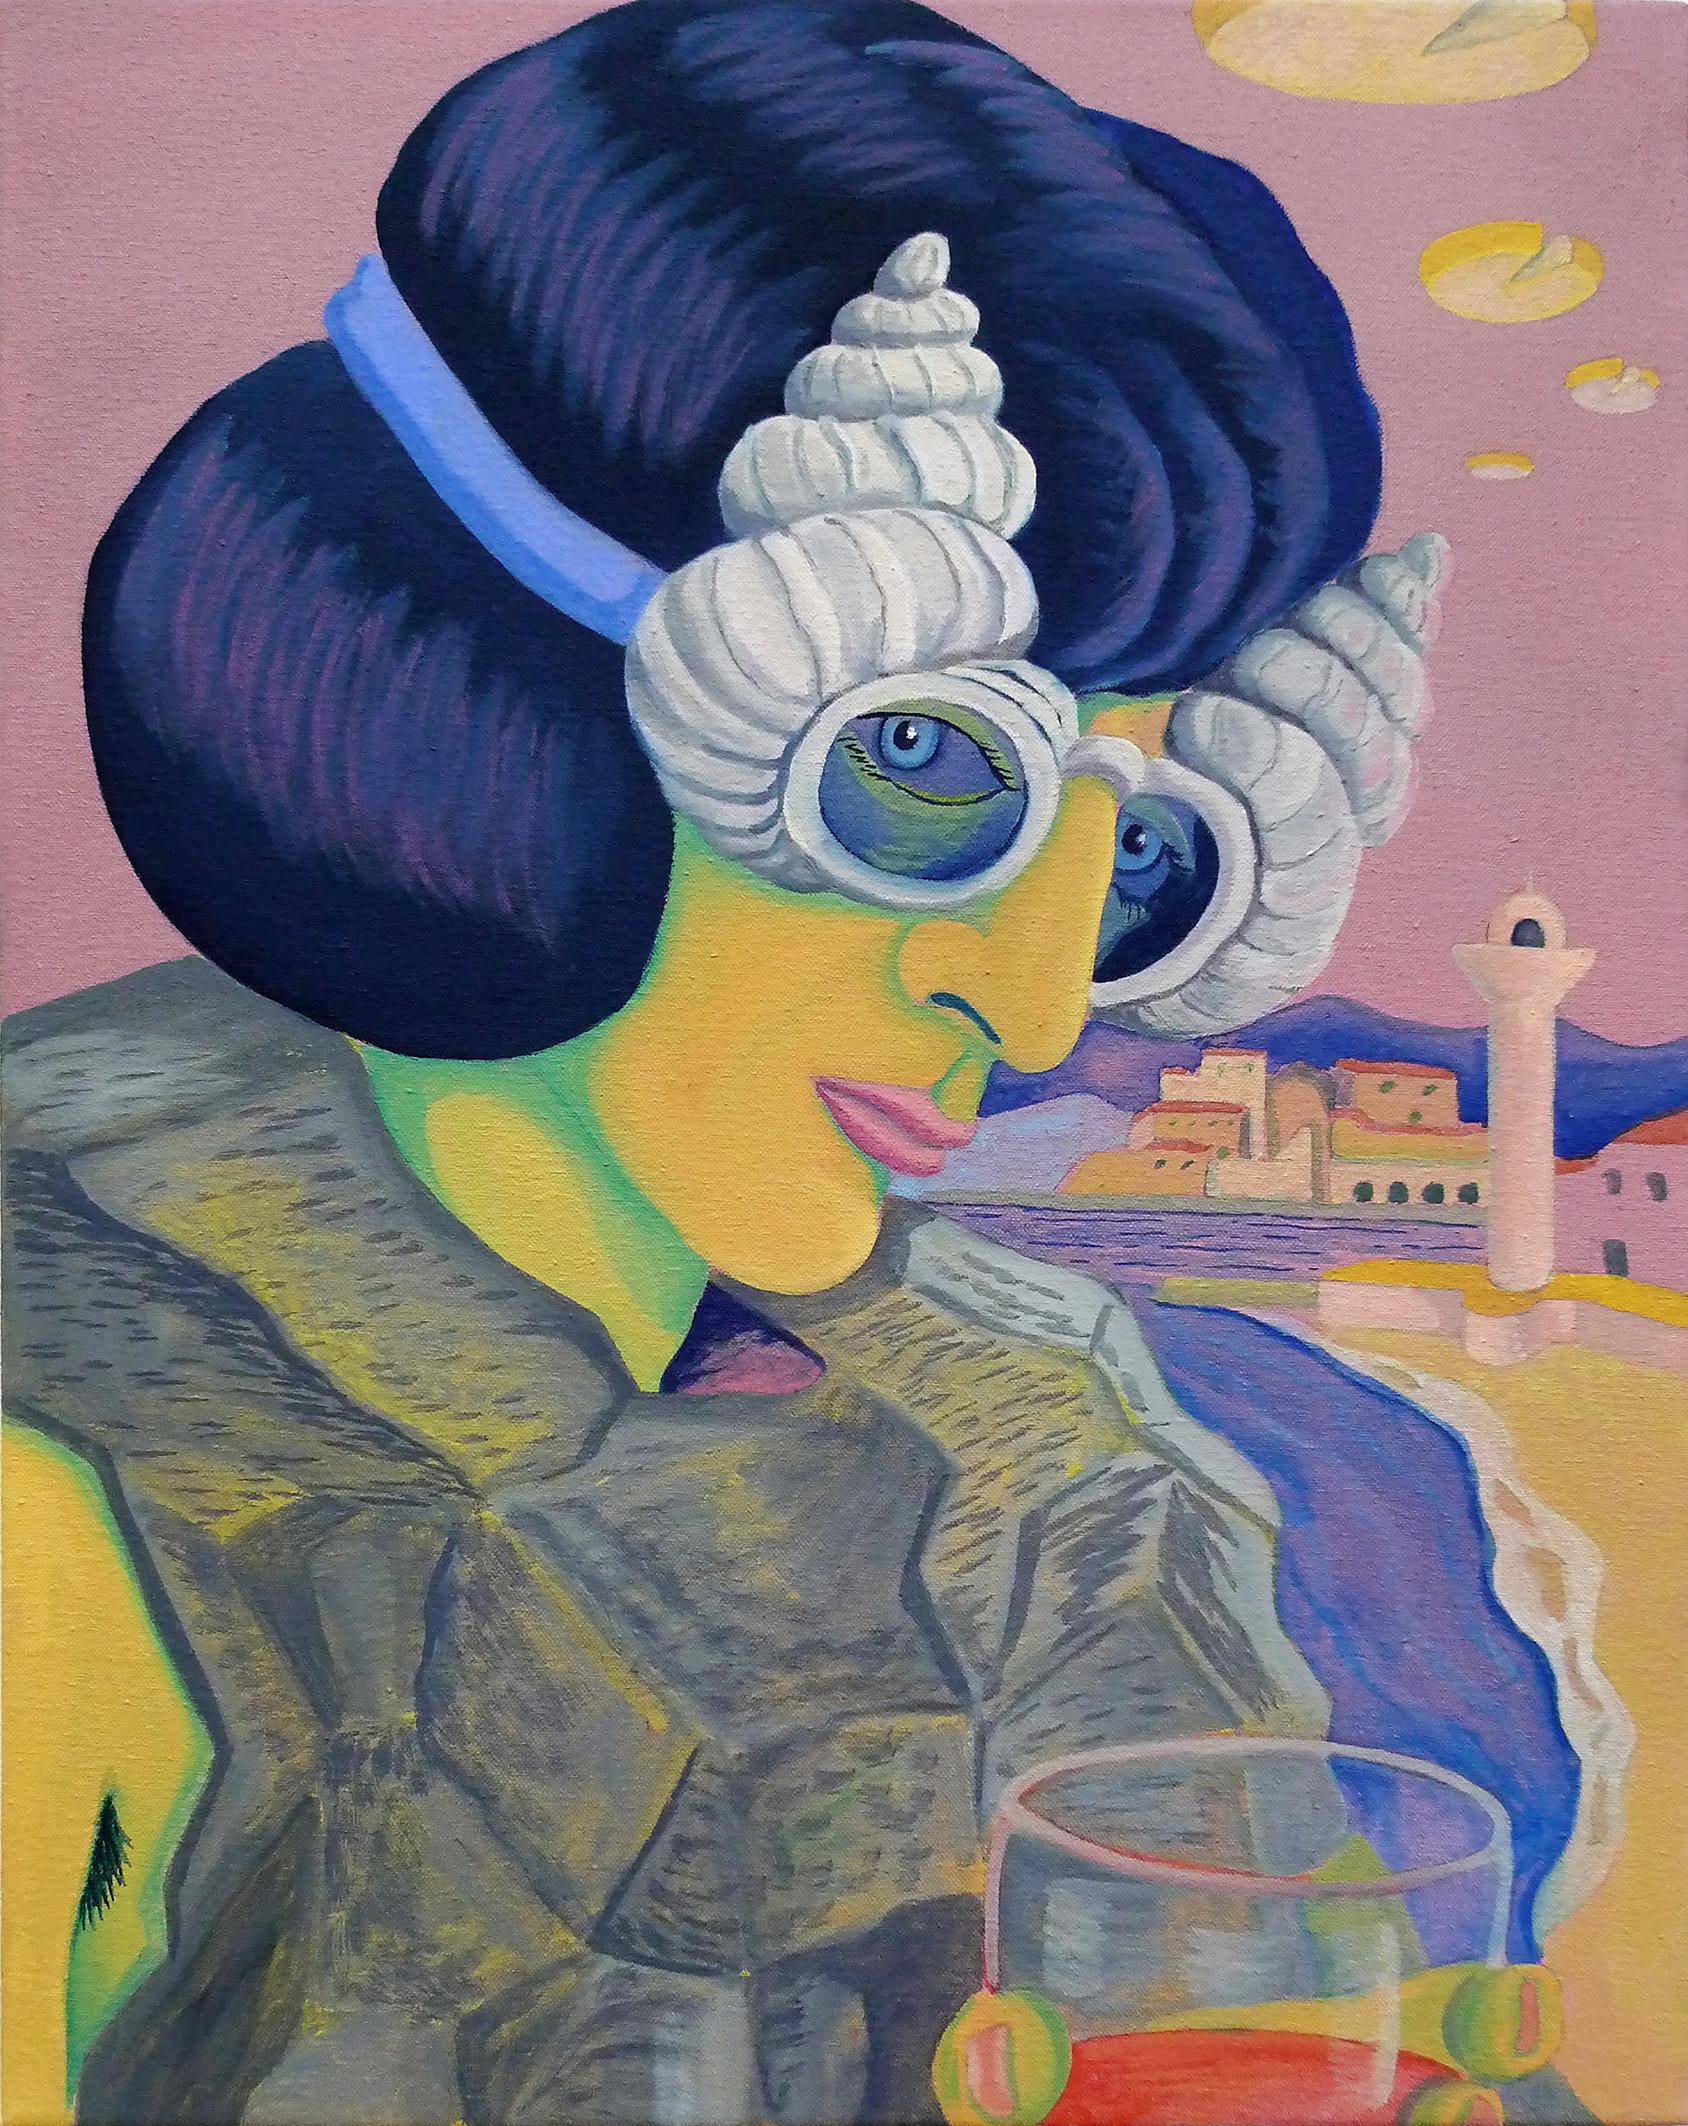 Yé-Yé in Coastal Stylings  2017 Oil and acrylic on canvas, 45 x 36 cm